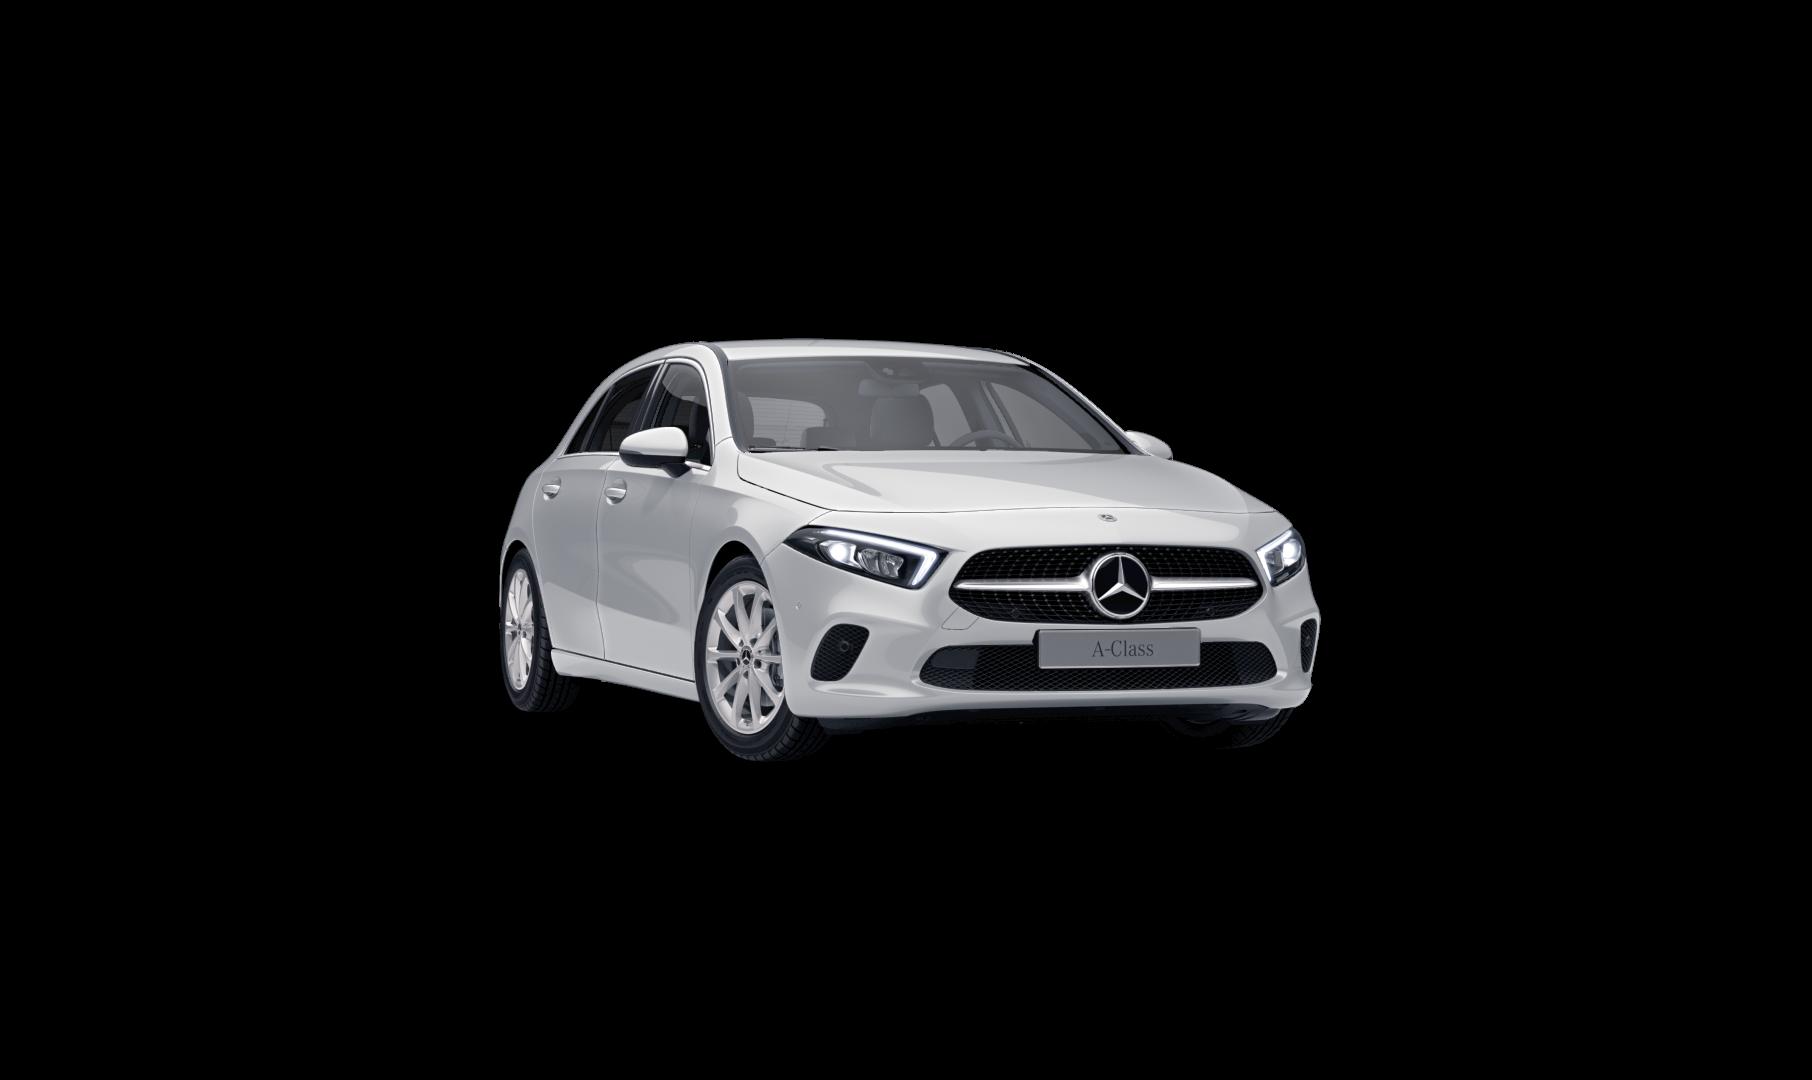 Mercedes Benz Classe A  Finition Progressive : Vue de trois quarts de profil à l'arrêt